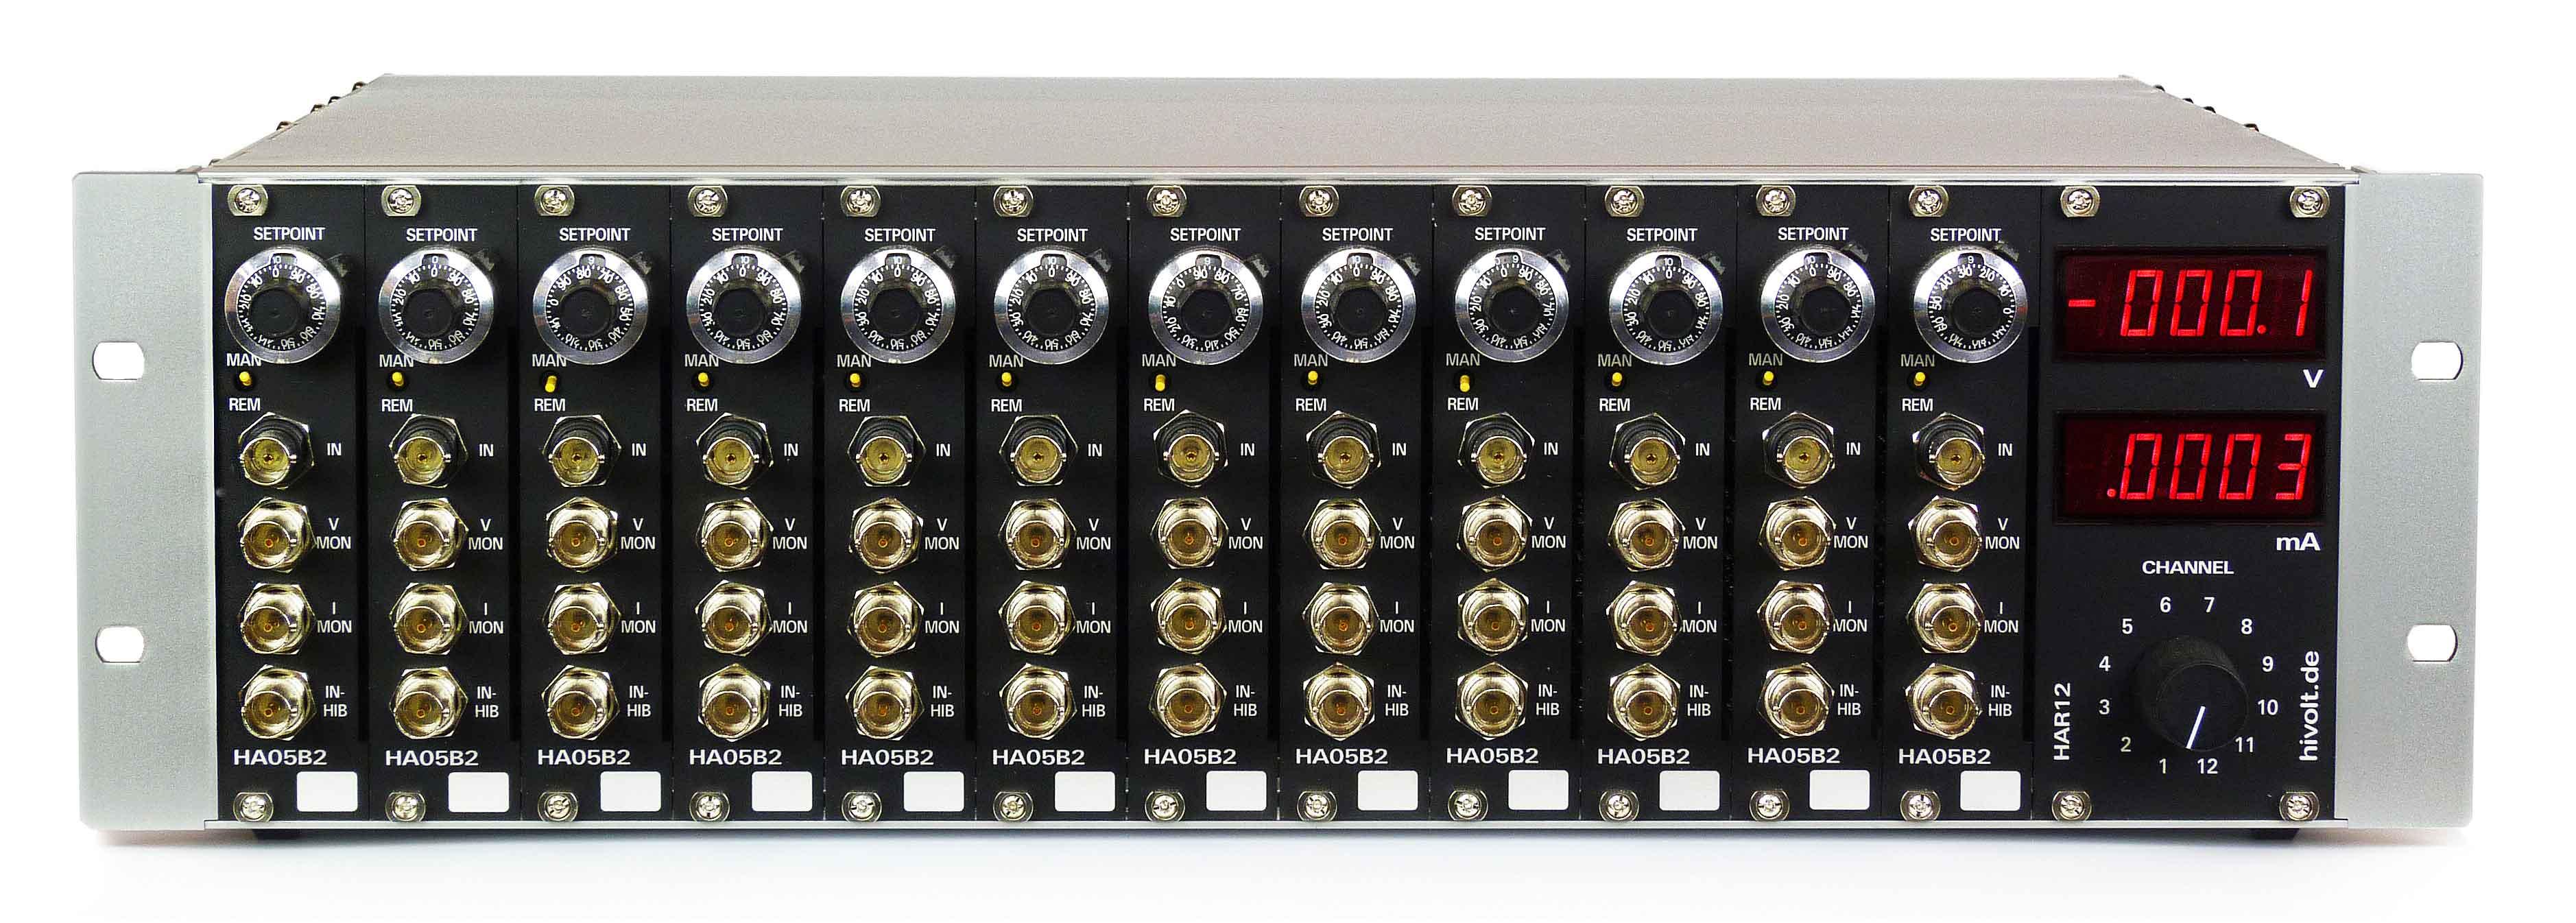 Amplificateur haute tension HAR12 multivoies 12 voies chassis rack standard reglage potentiometre affichage digital du courant Hivolt.de